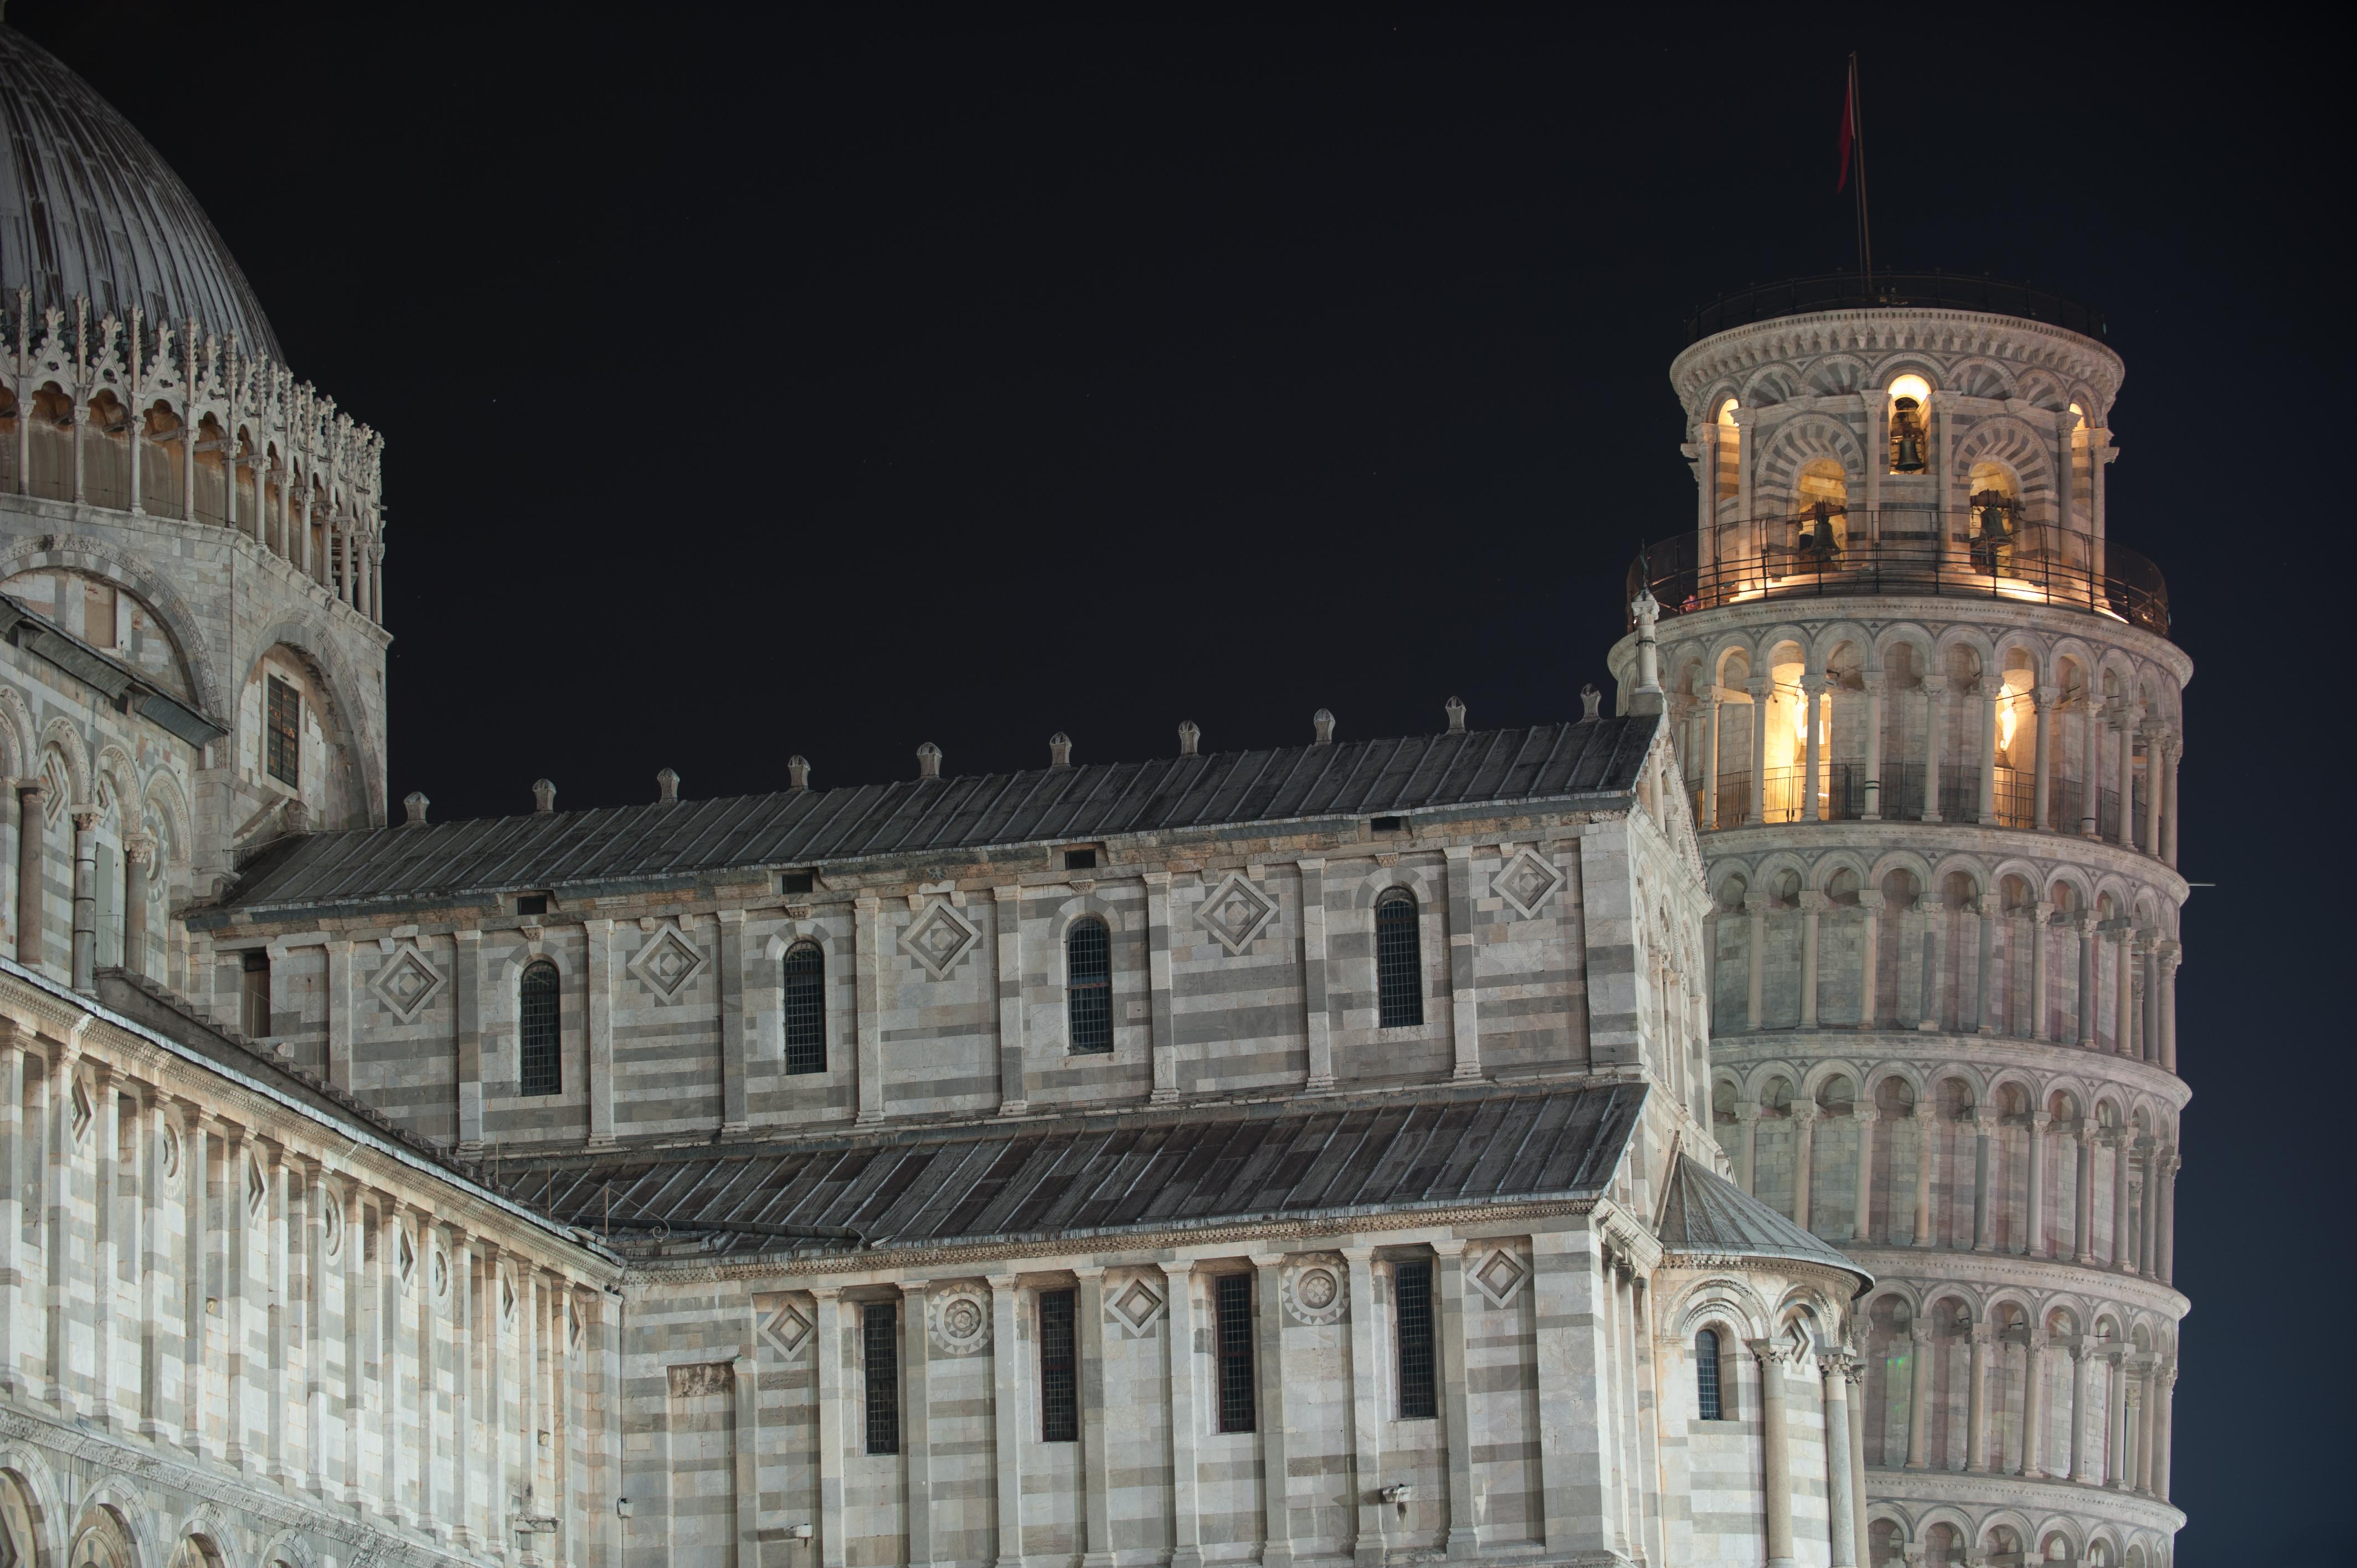 Notte Internazionale della Luna: serata in Piazza dei Miracoli a Pisa